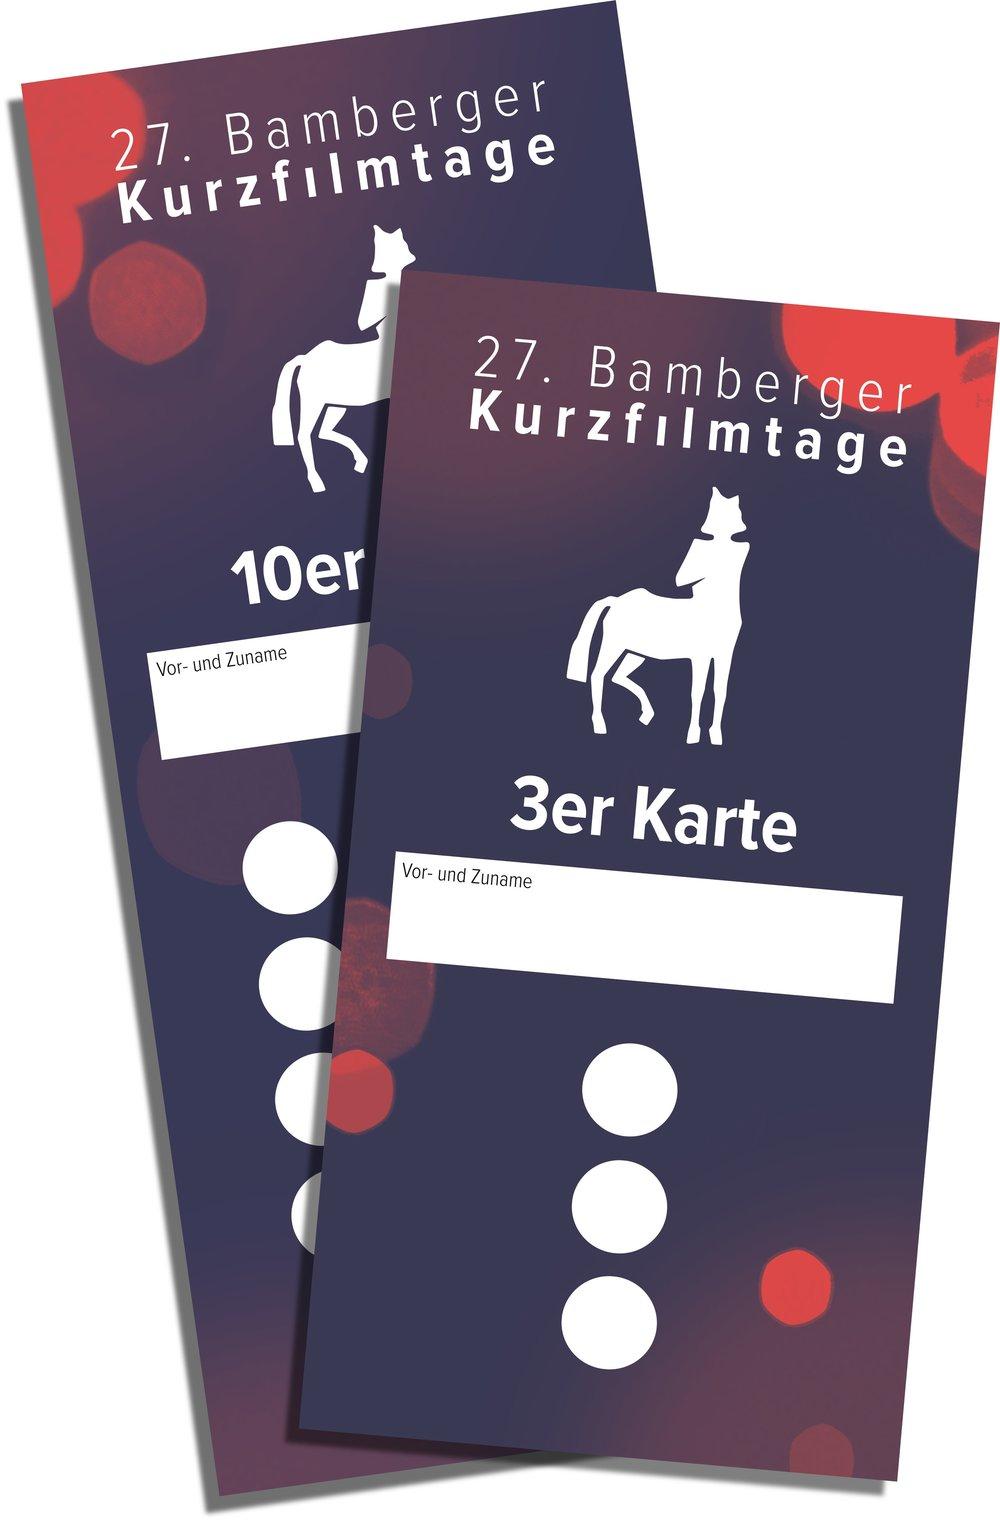 Werbung 3er und 10er Karte.jpg